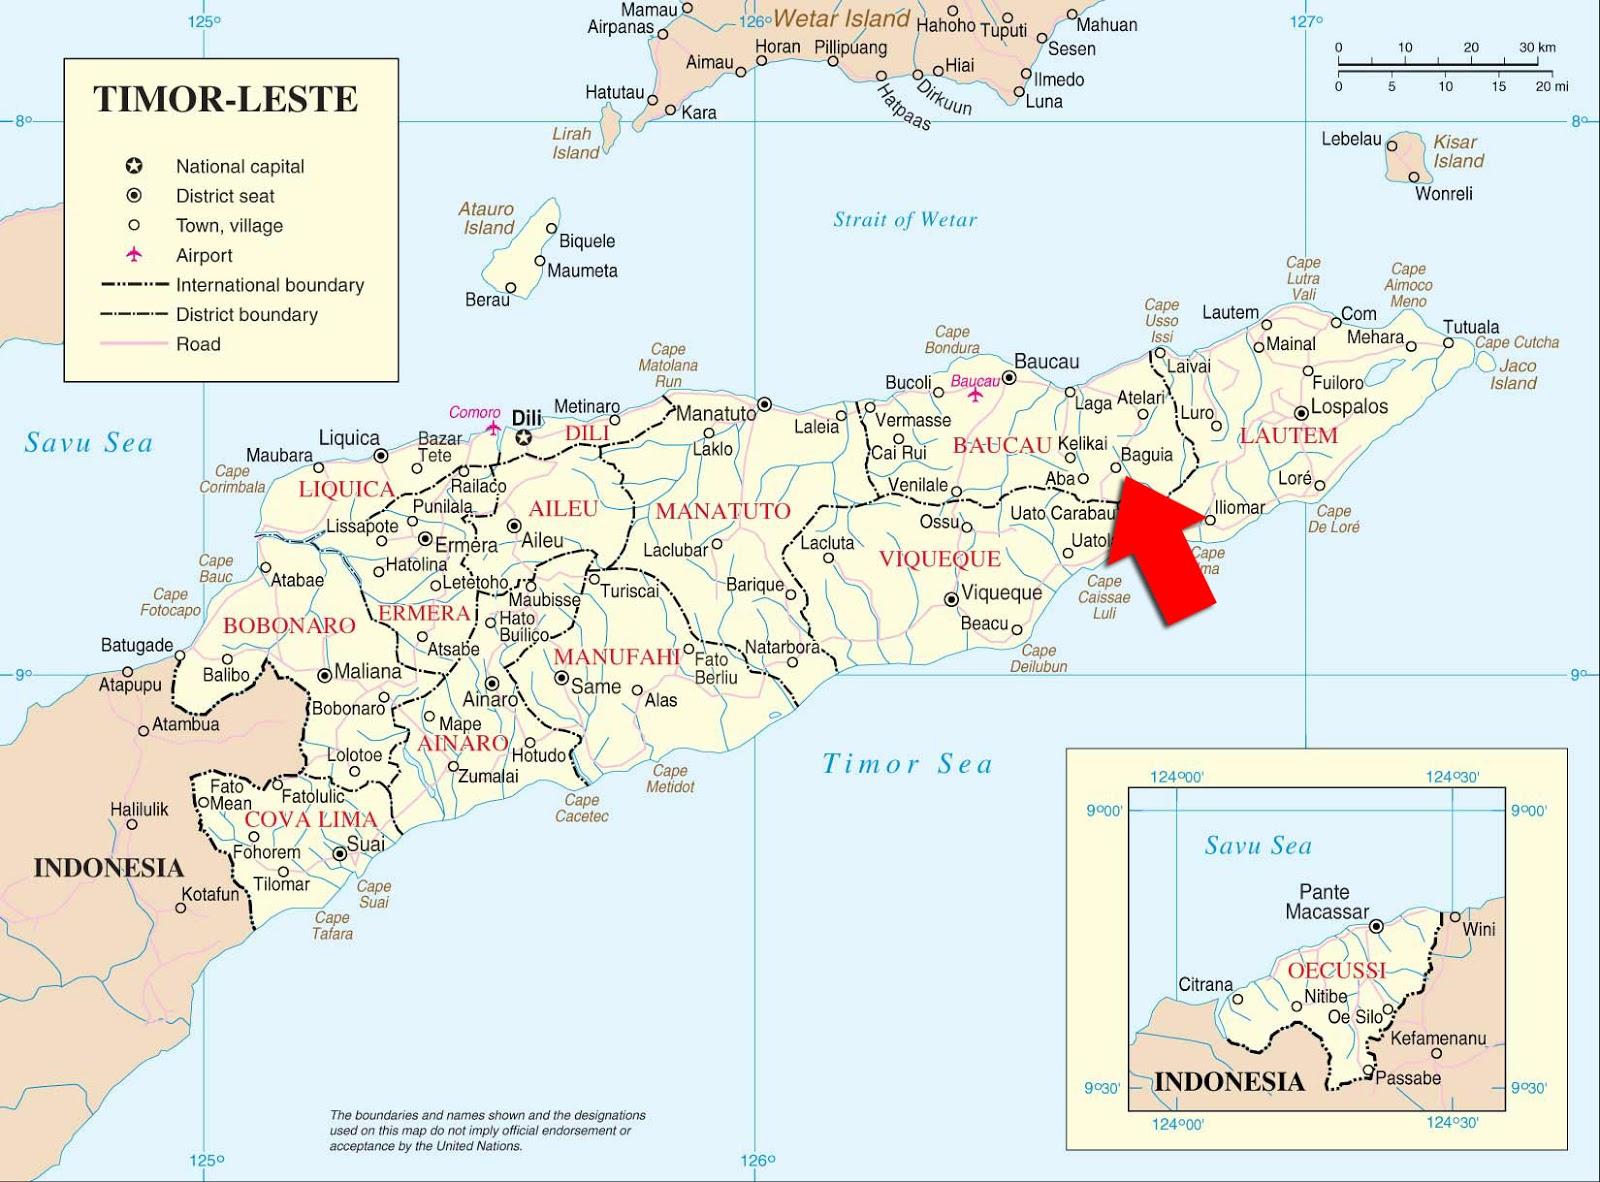 Mapas Geográficos de Timor-Leste